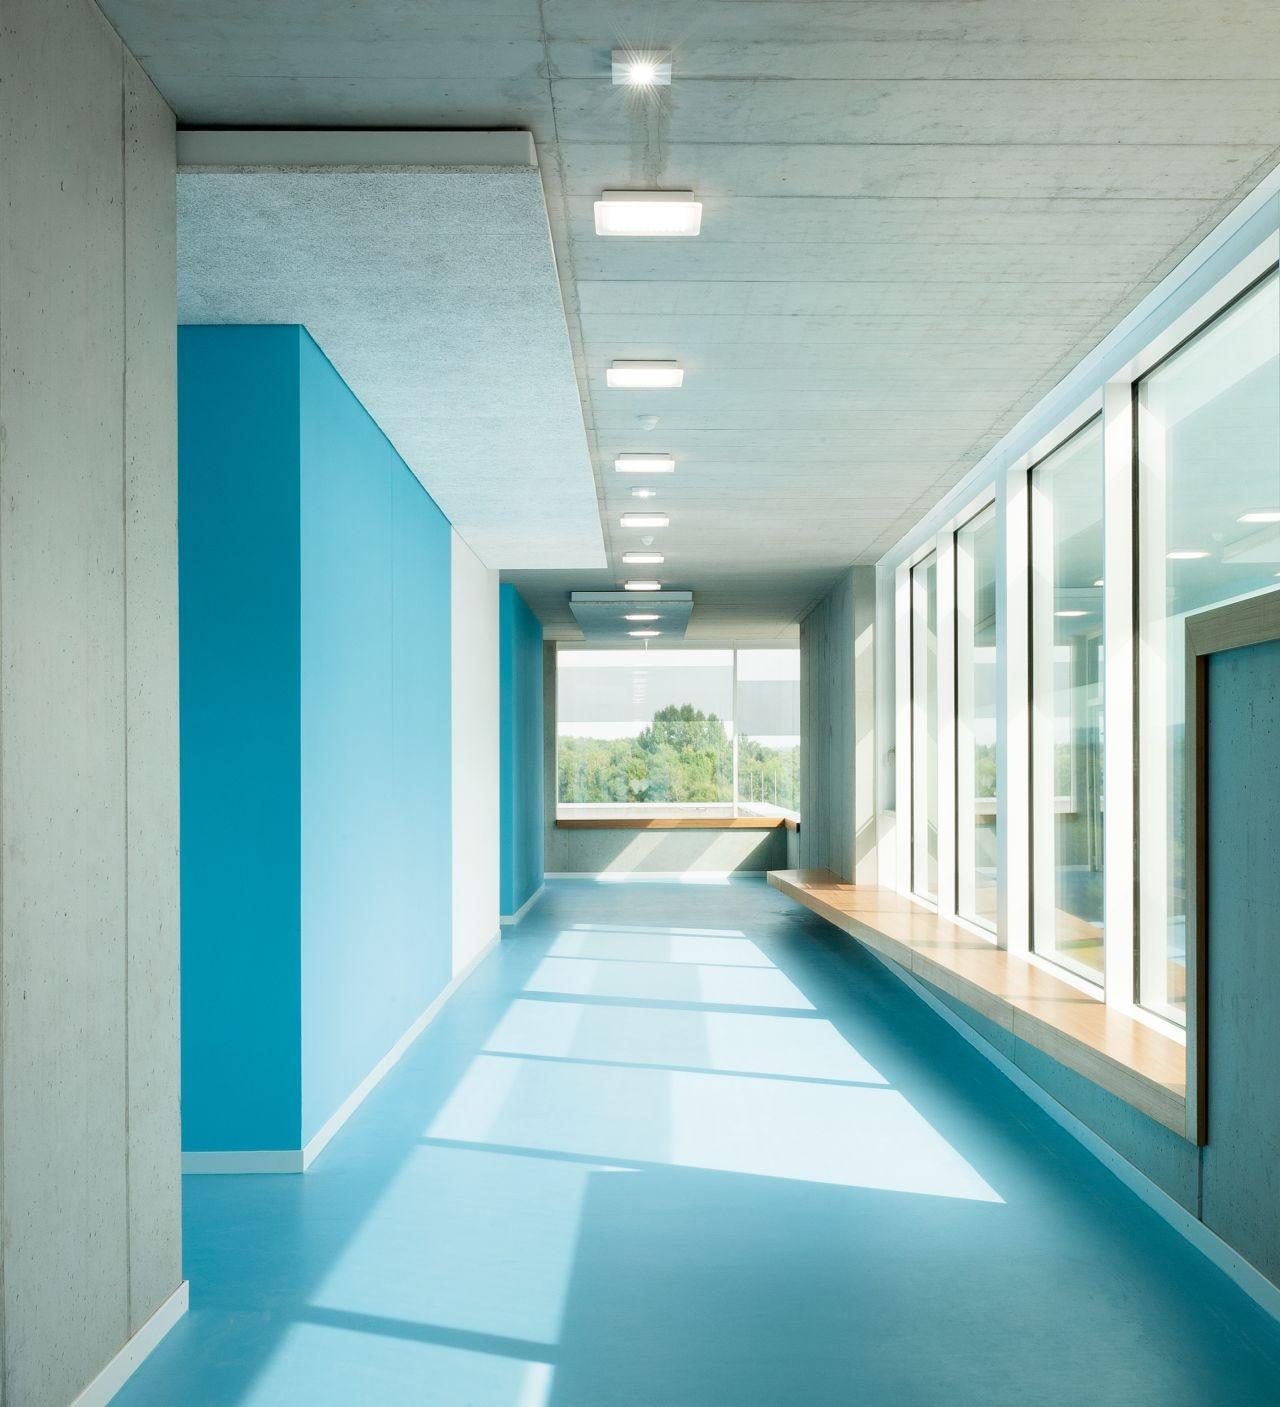 School Interior Design: Gallery Of The New Ergolding Secondary School / Behnisch